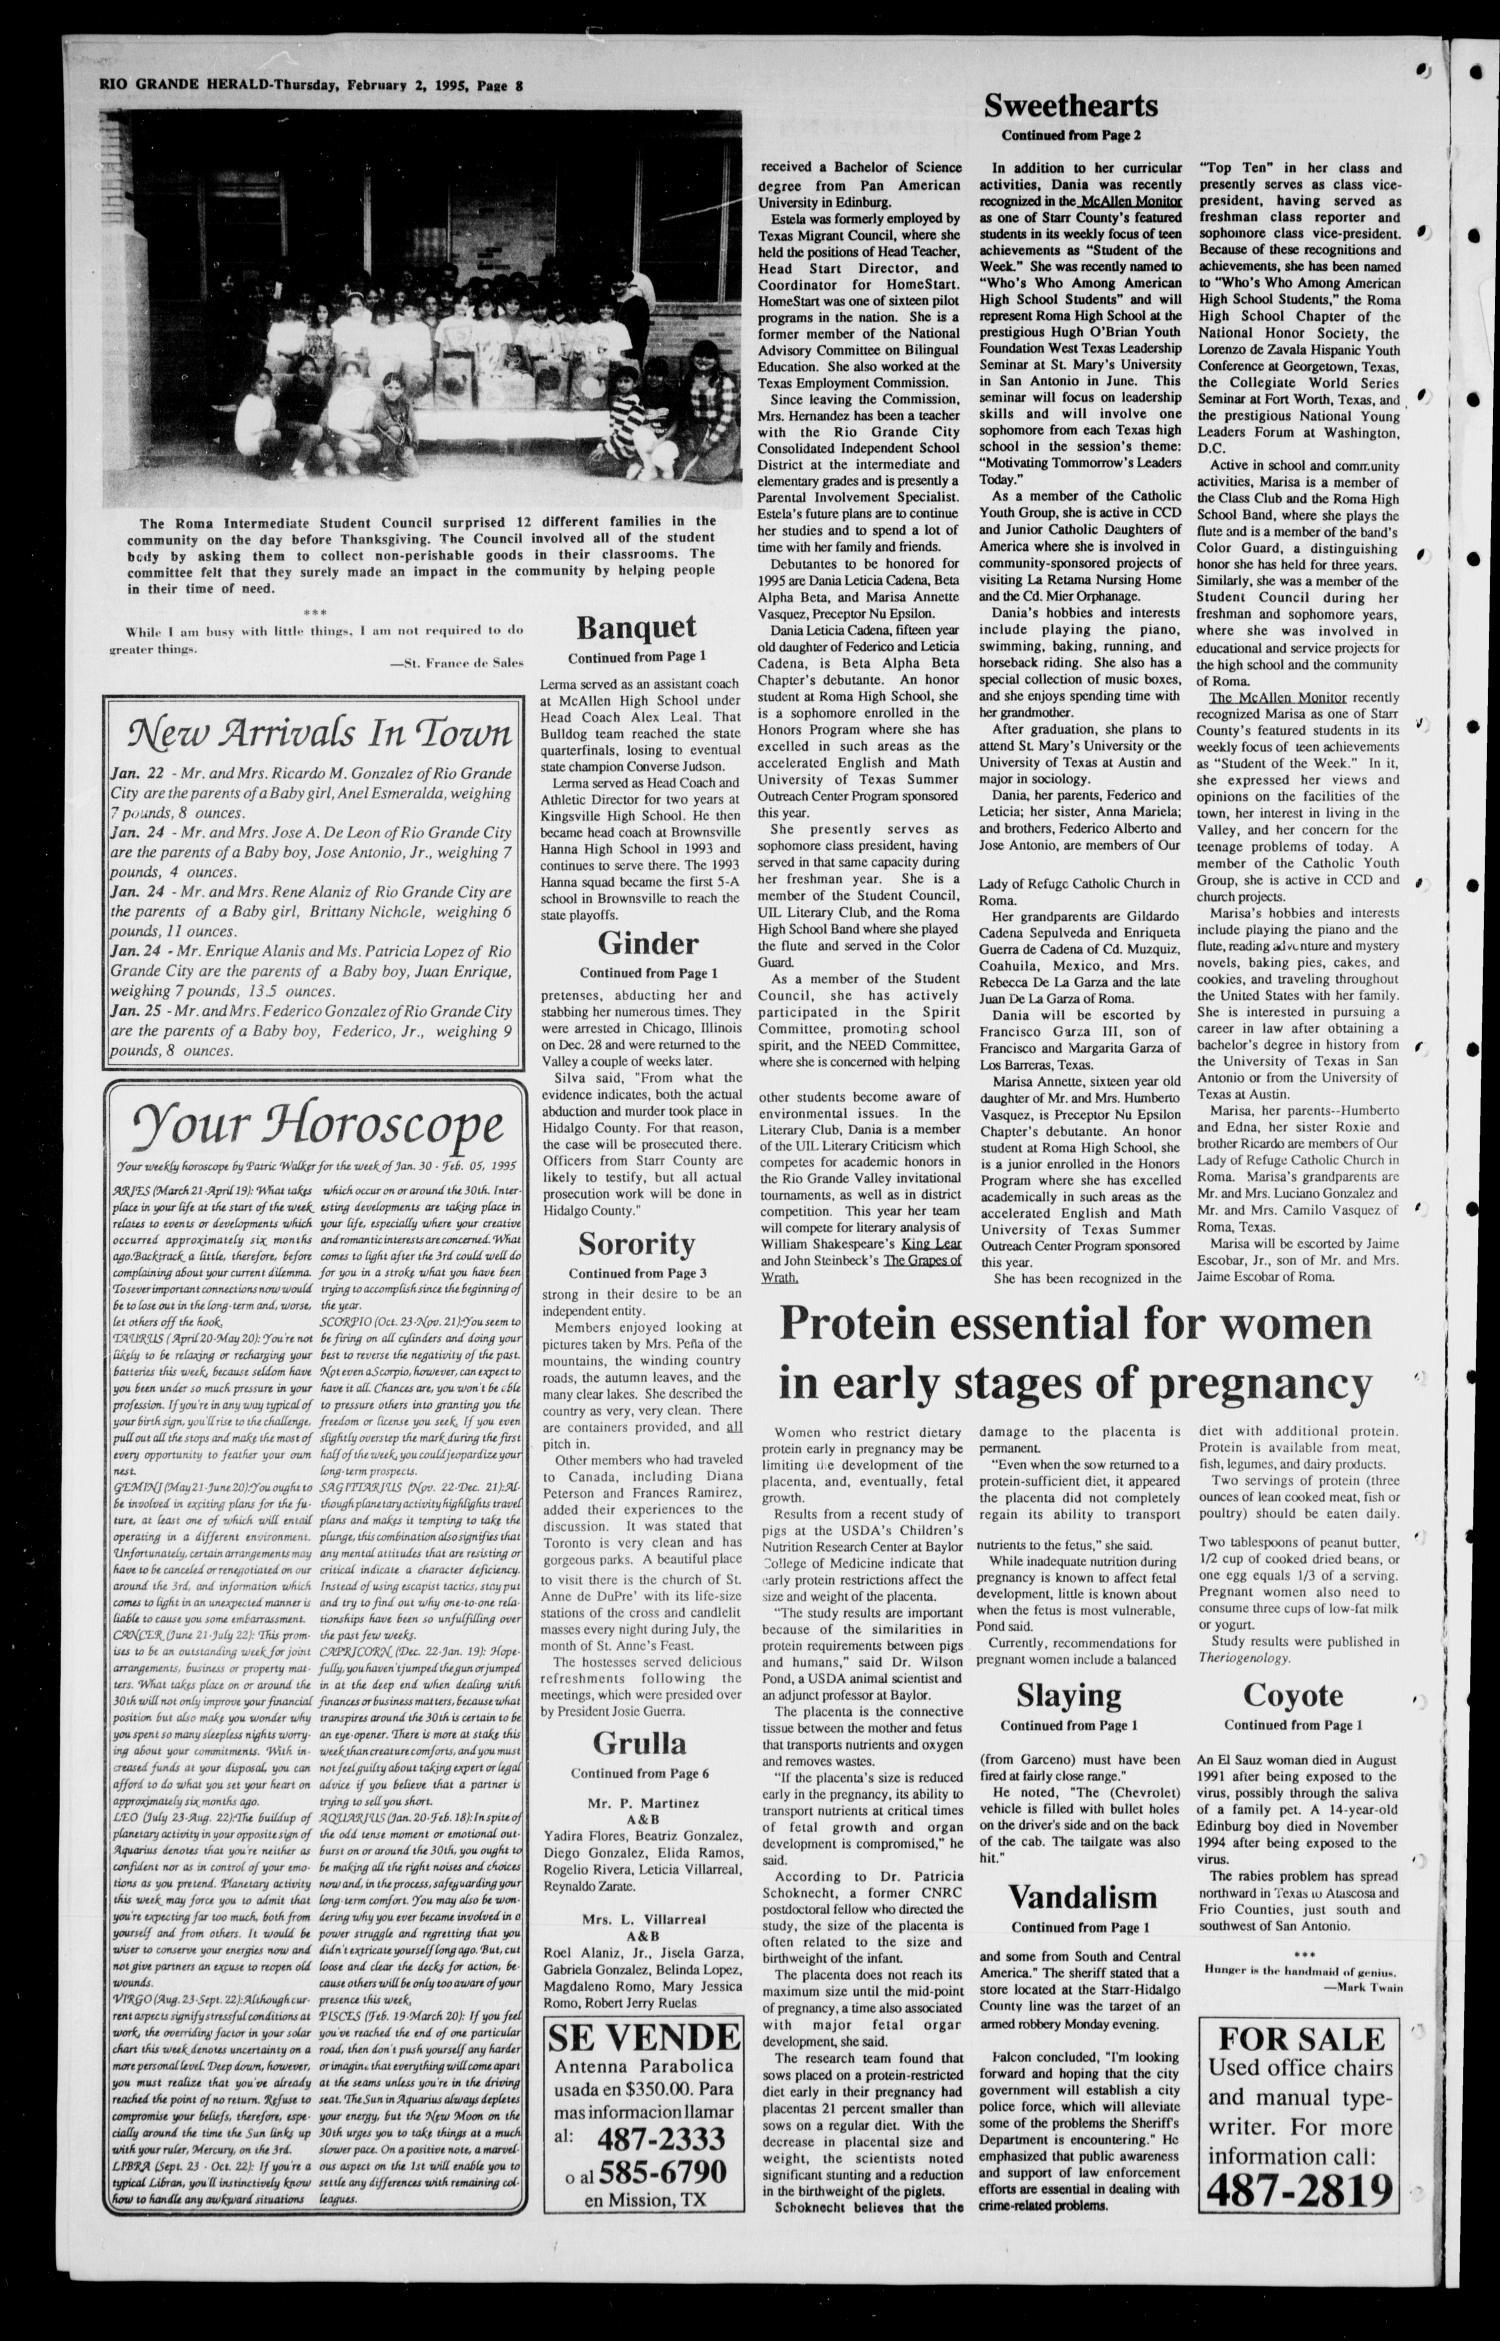 Rio Grande Herald (Rio Grande City, Tex ), Vol  82, No  5